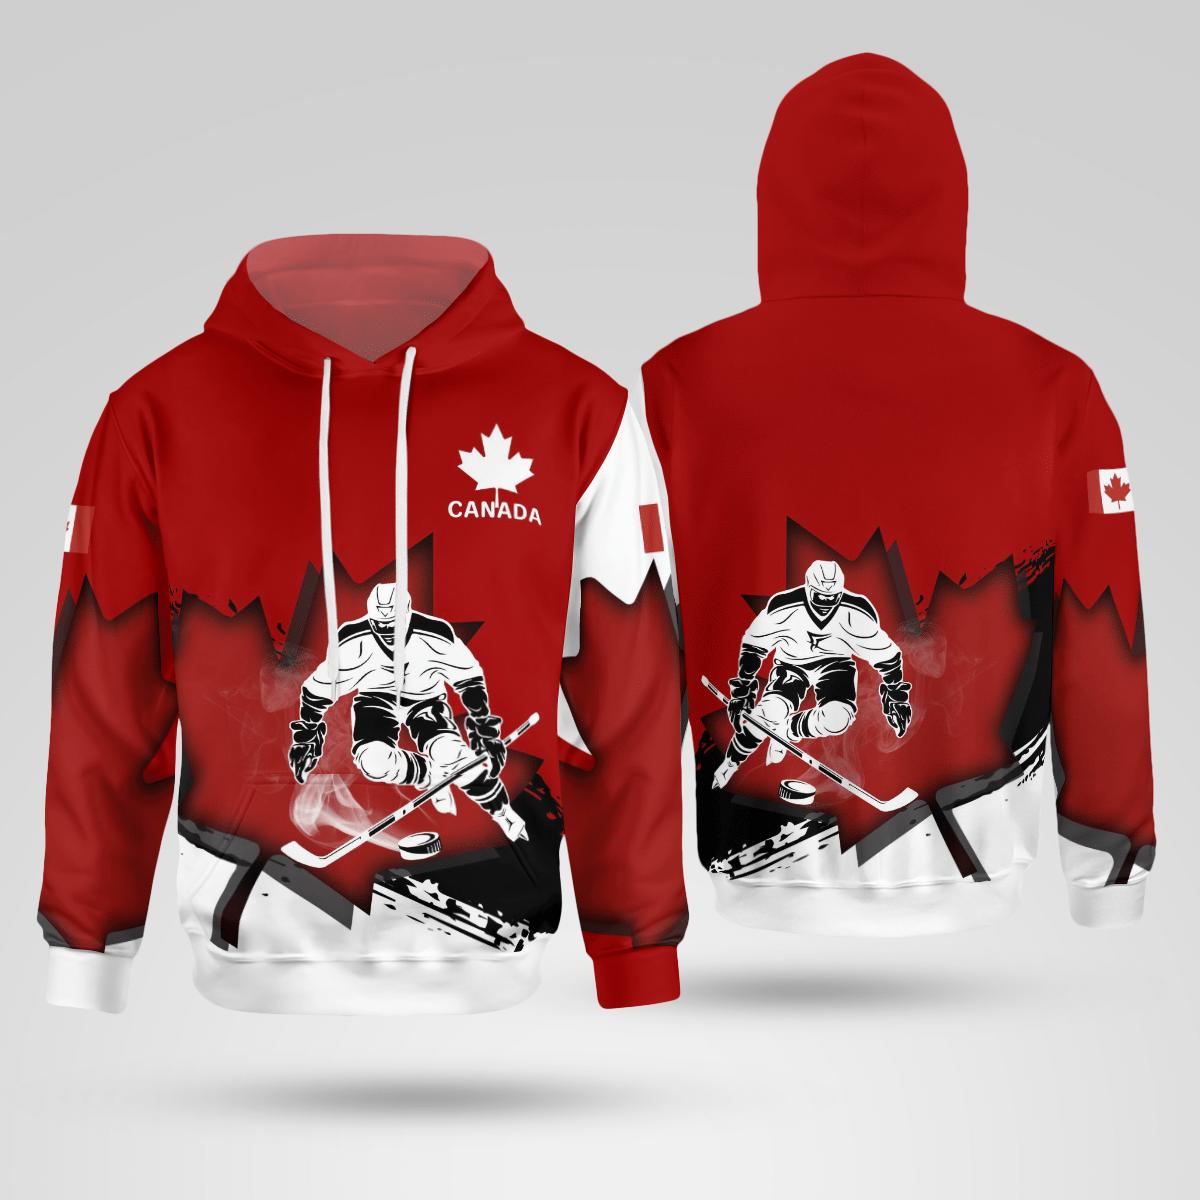 Canada Hockey Maple Leaf Special Shirt 3D